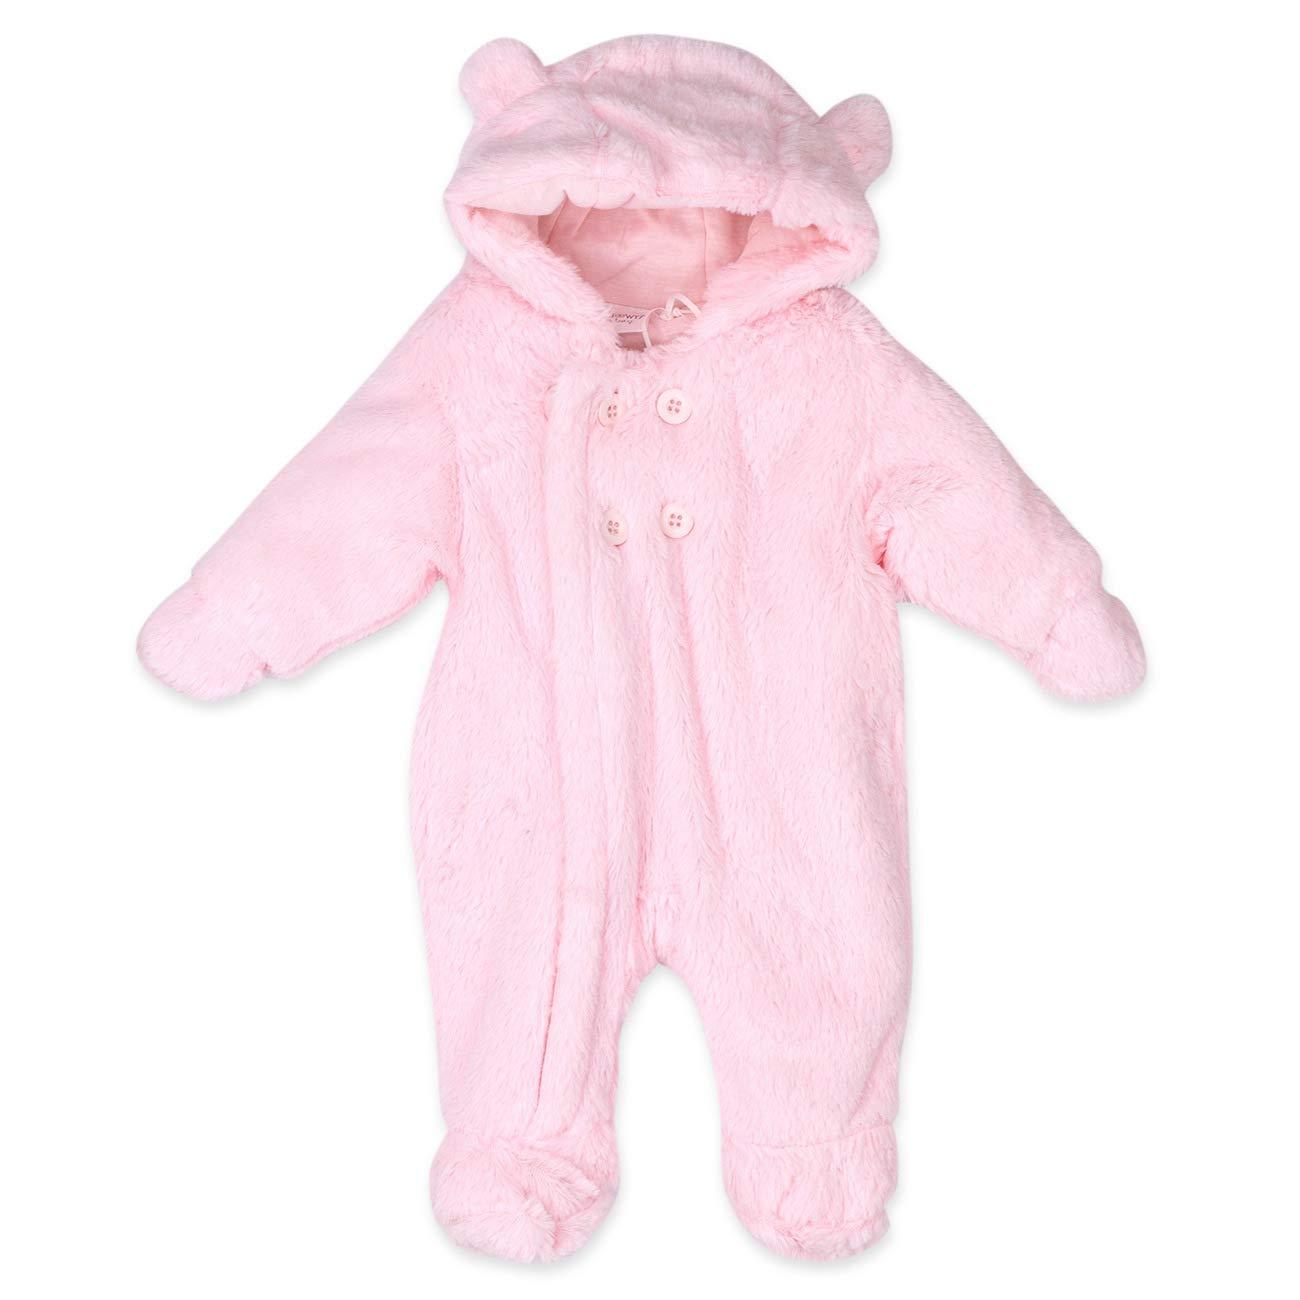 Baby Town Baby Schneeanzug Overall Mä dchen | Farbe: rosa | Baby Winteranzug mit Kapuze und Handschuhen fü r Neugeborene & Kleinkinder | Grö ß e: 0-3 Monate (56/62) Babytown